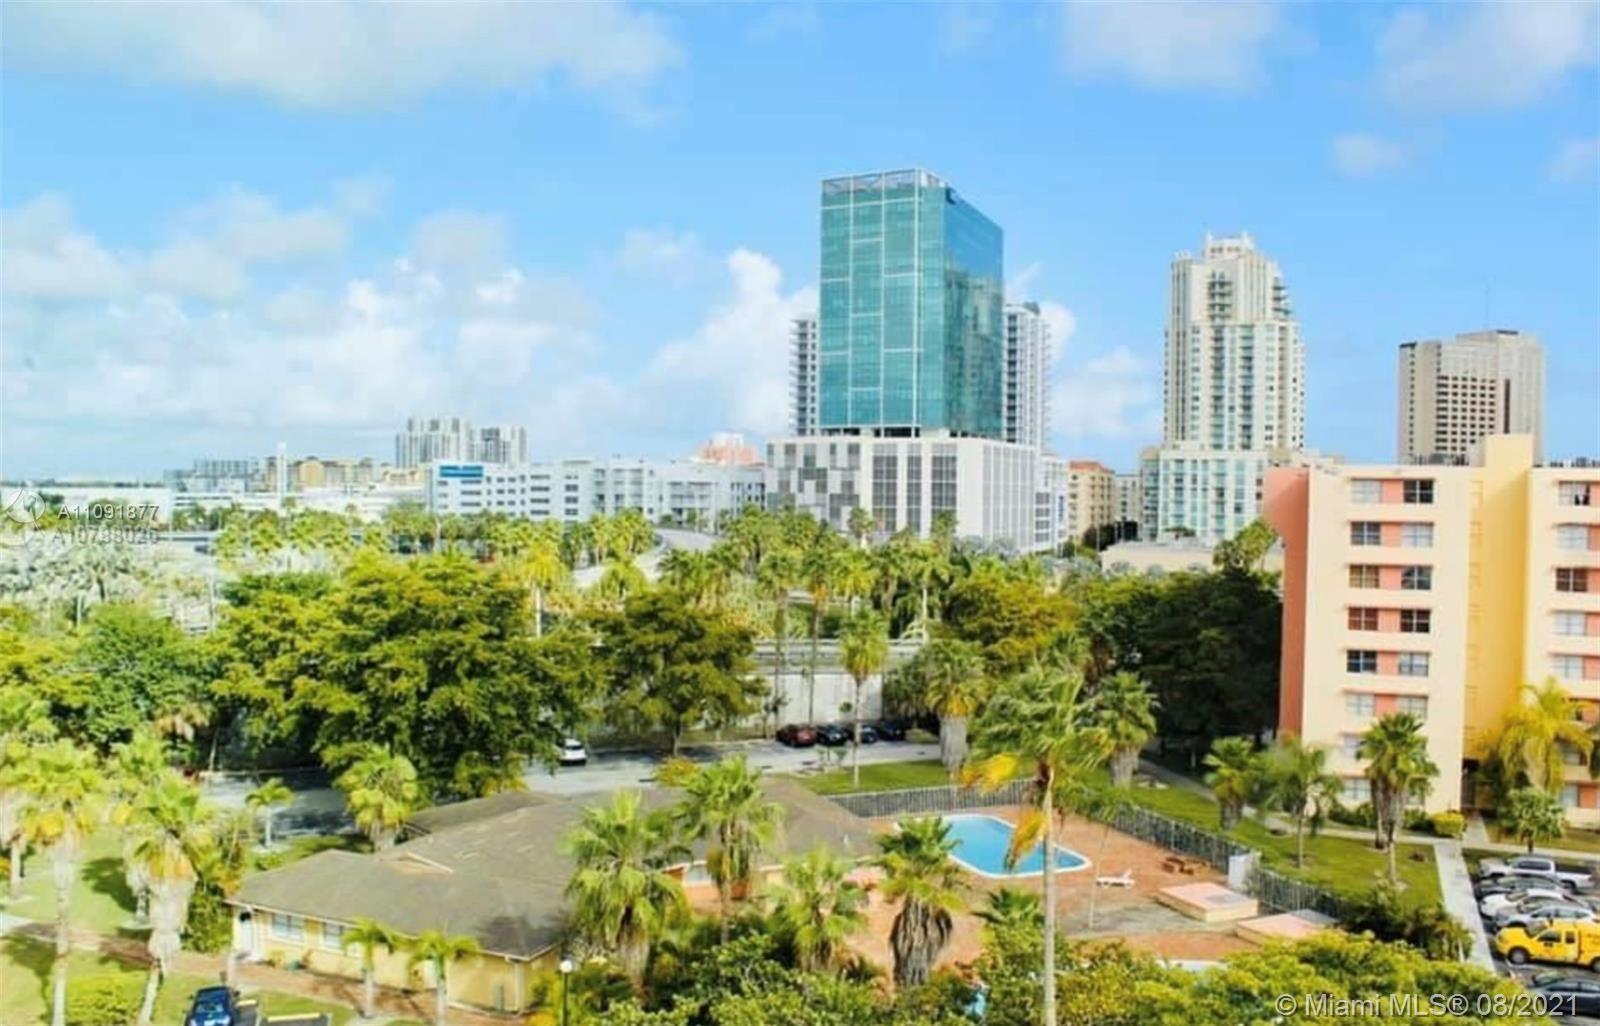 9125 SW 77th Ave #808, Miami, FL 33156 - #: A11091877